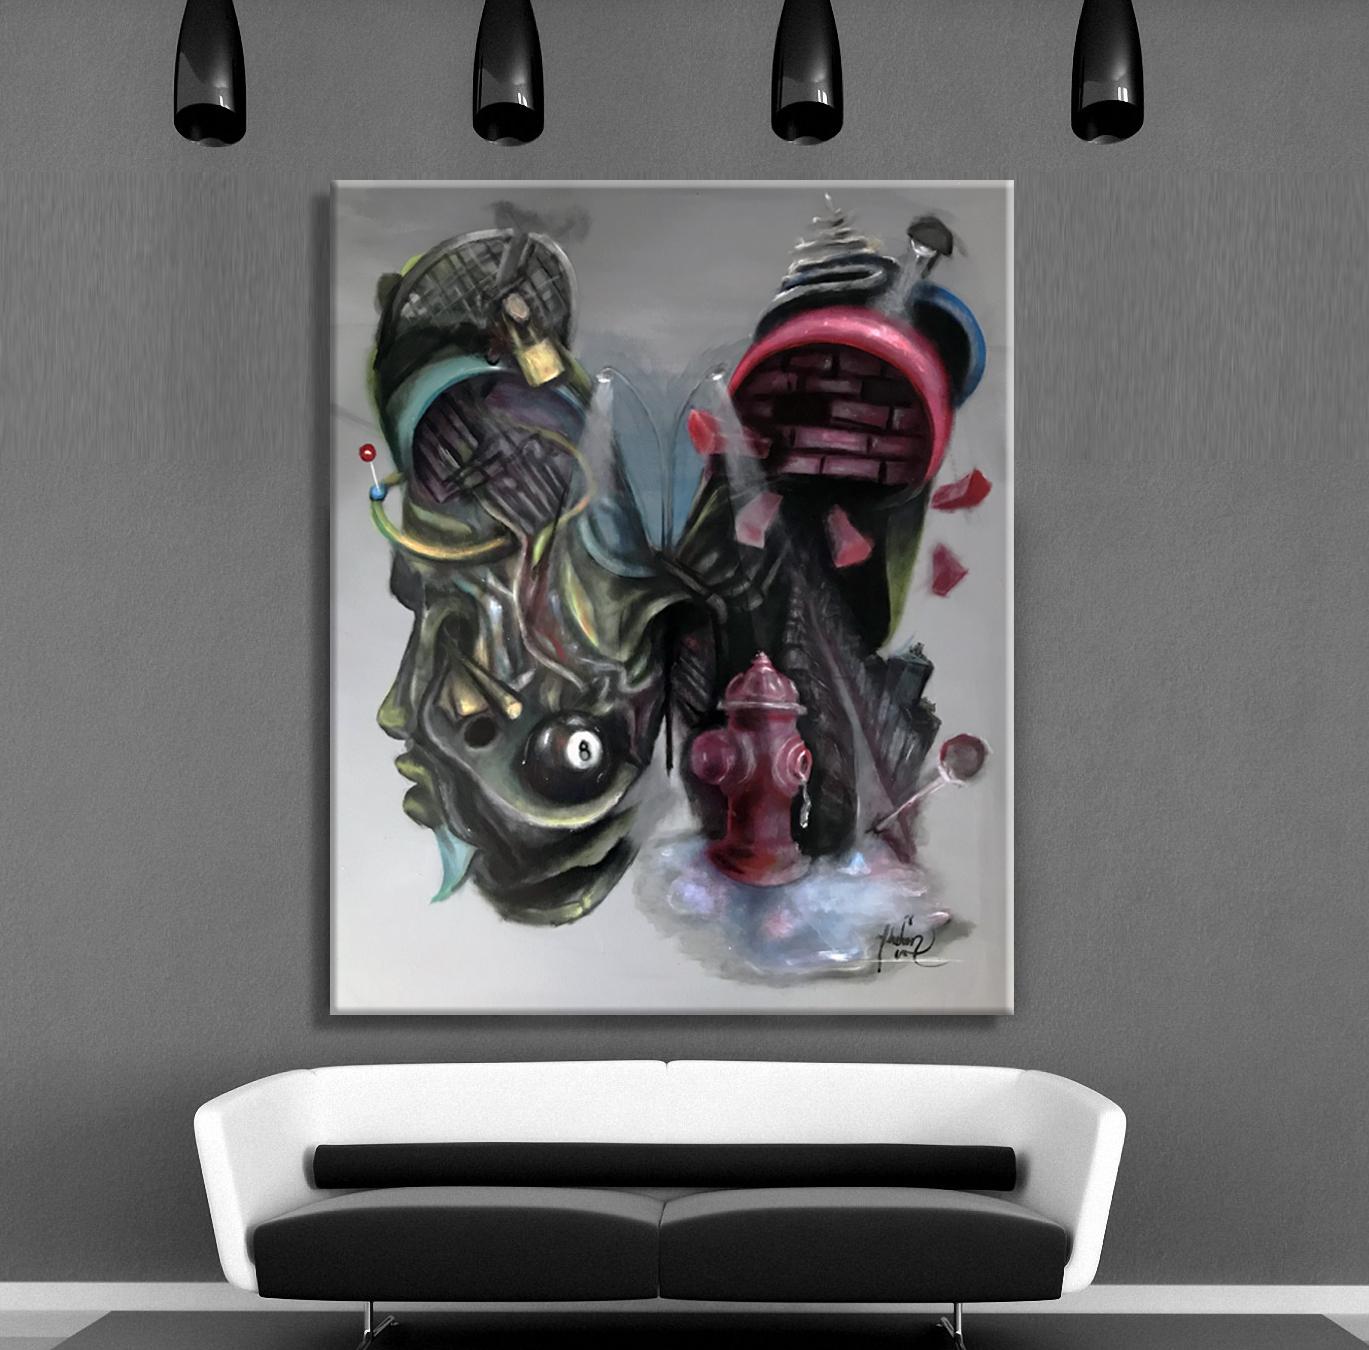 hd-wallpapers-1057891byf-3s-1920x10801.jpg